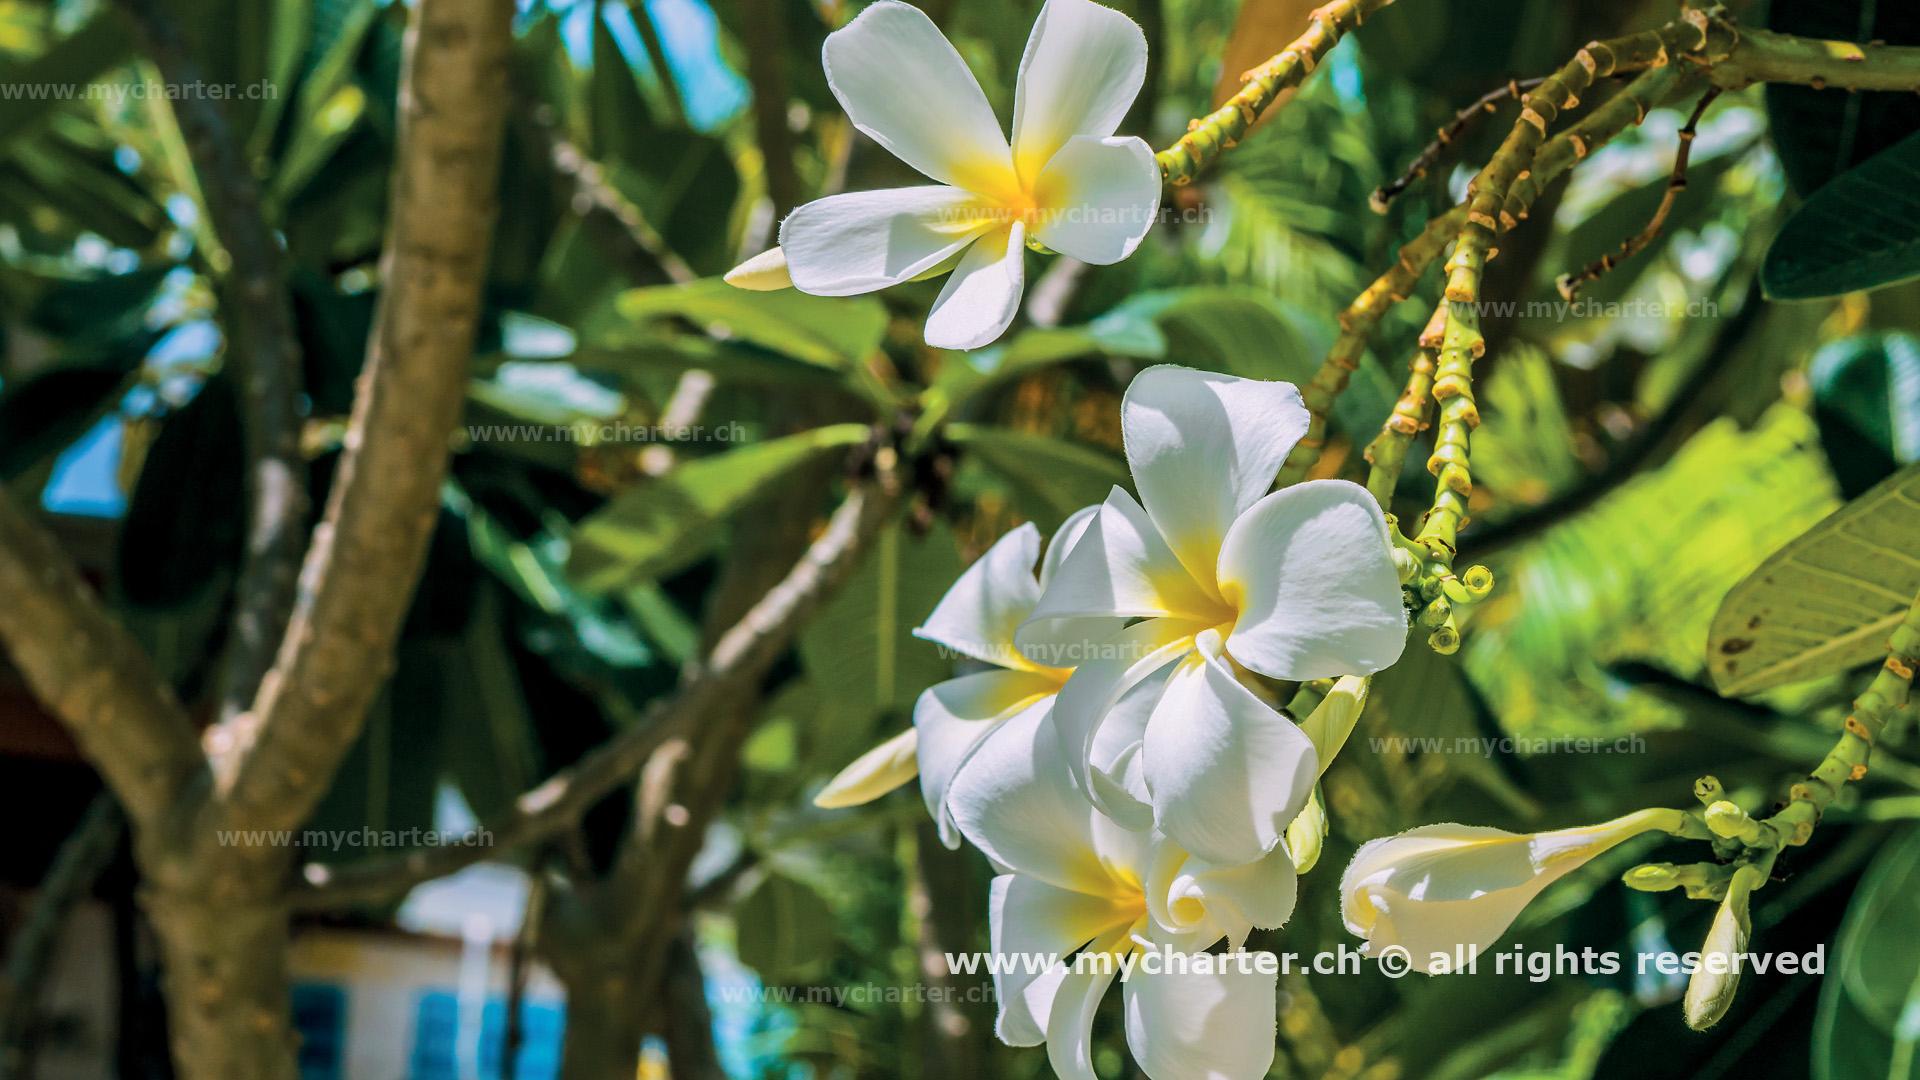 crewed charter Tahiti Tiare Blume